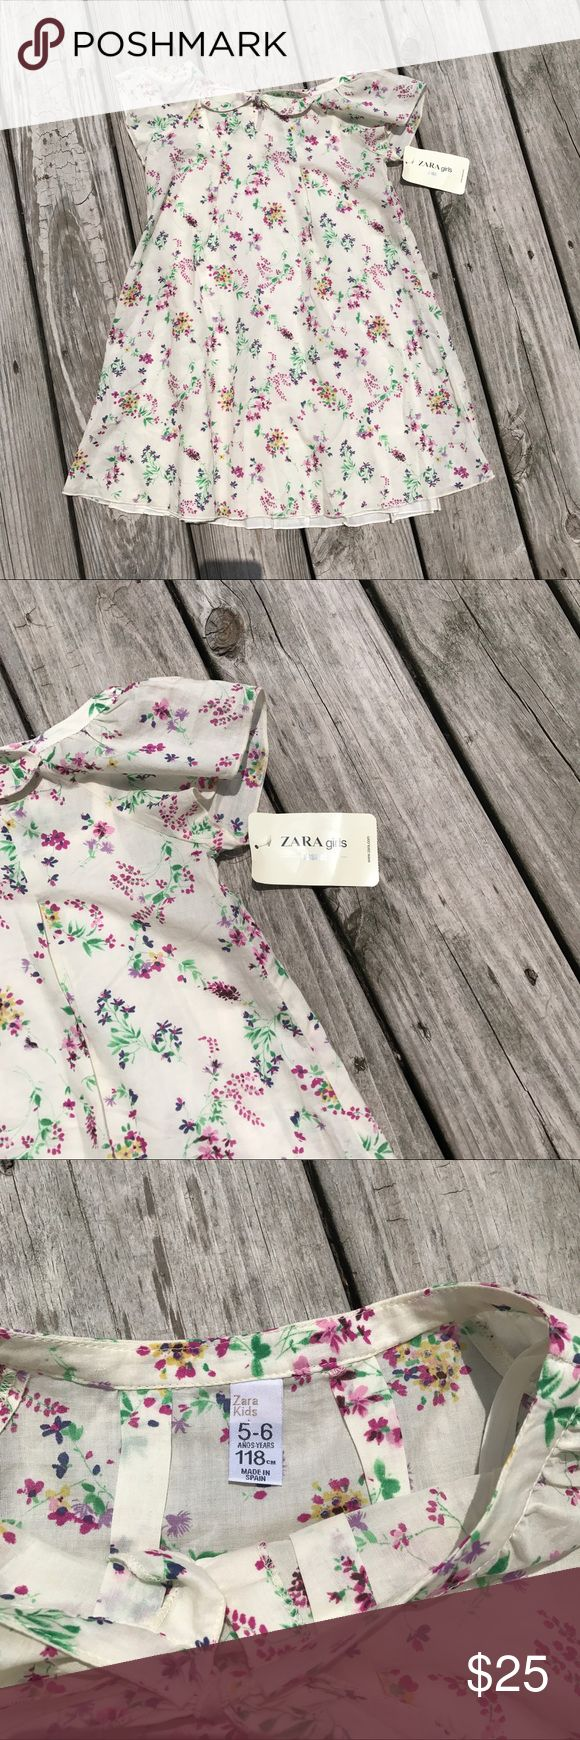 SALE! NWT Zara girls dress, fully lined!! Gorgeous lightweight cotton dress by ZarA Zara Dresses